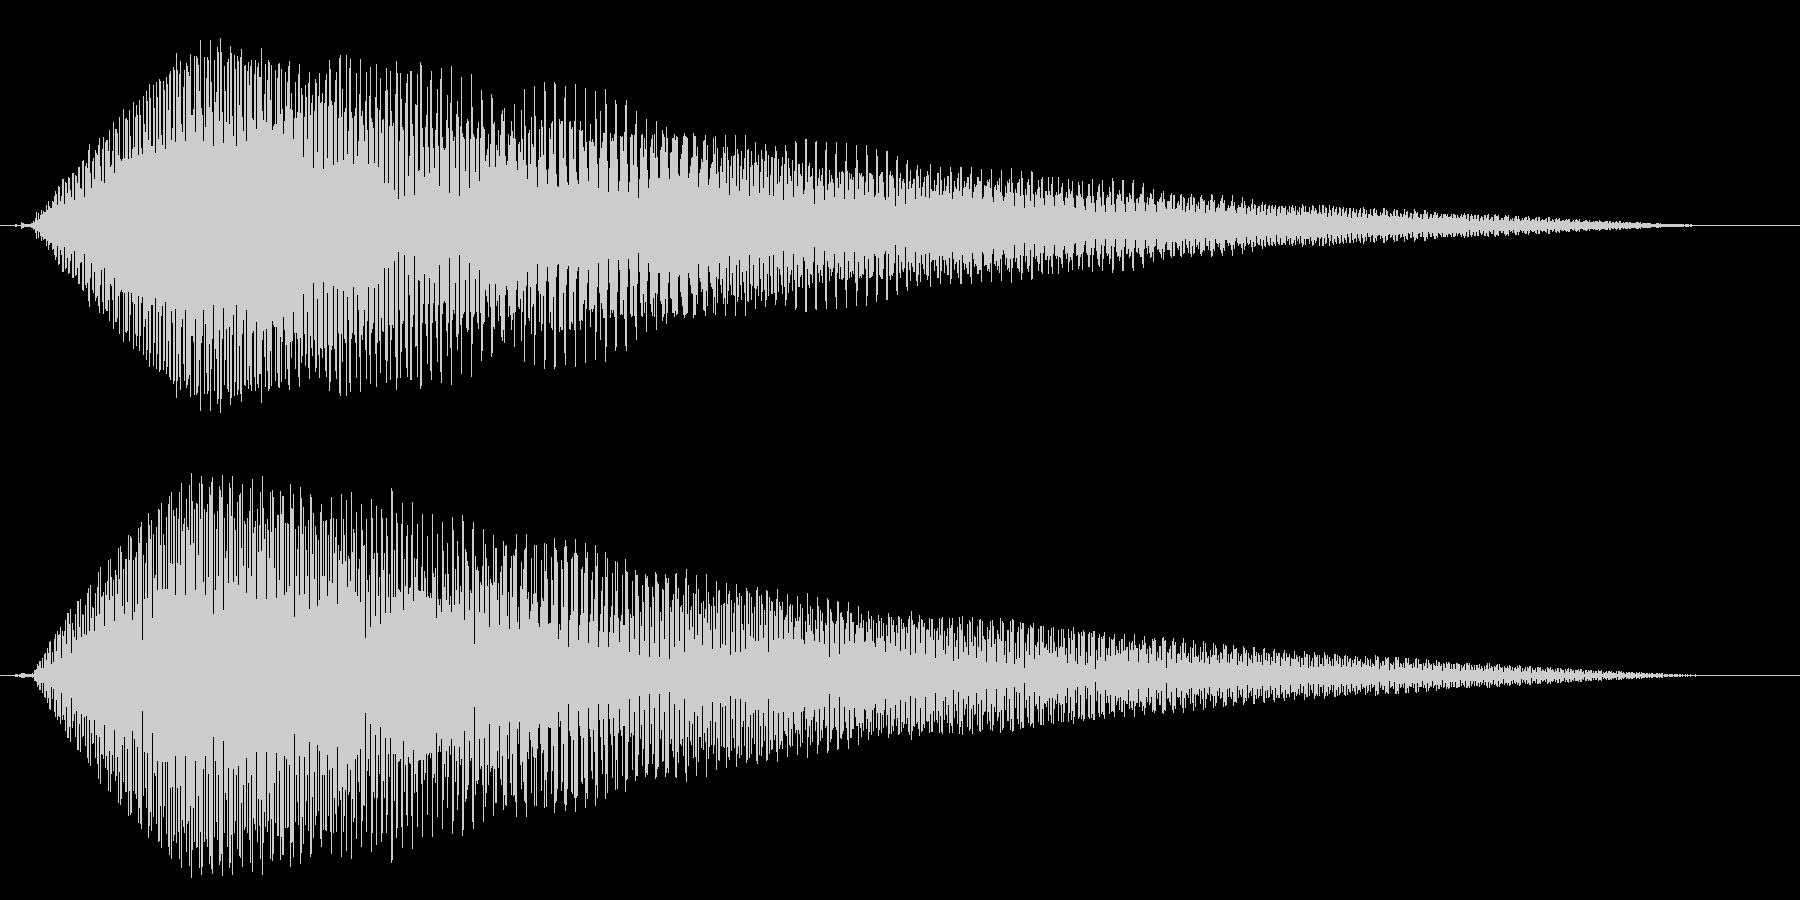 ホラー系アタック音66の未再生の波形